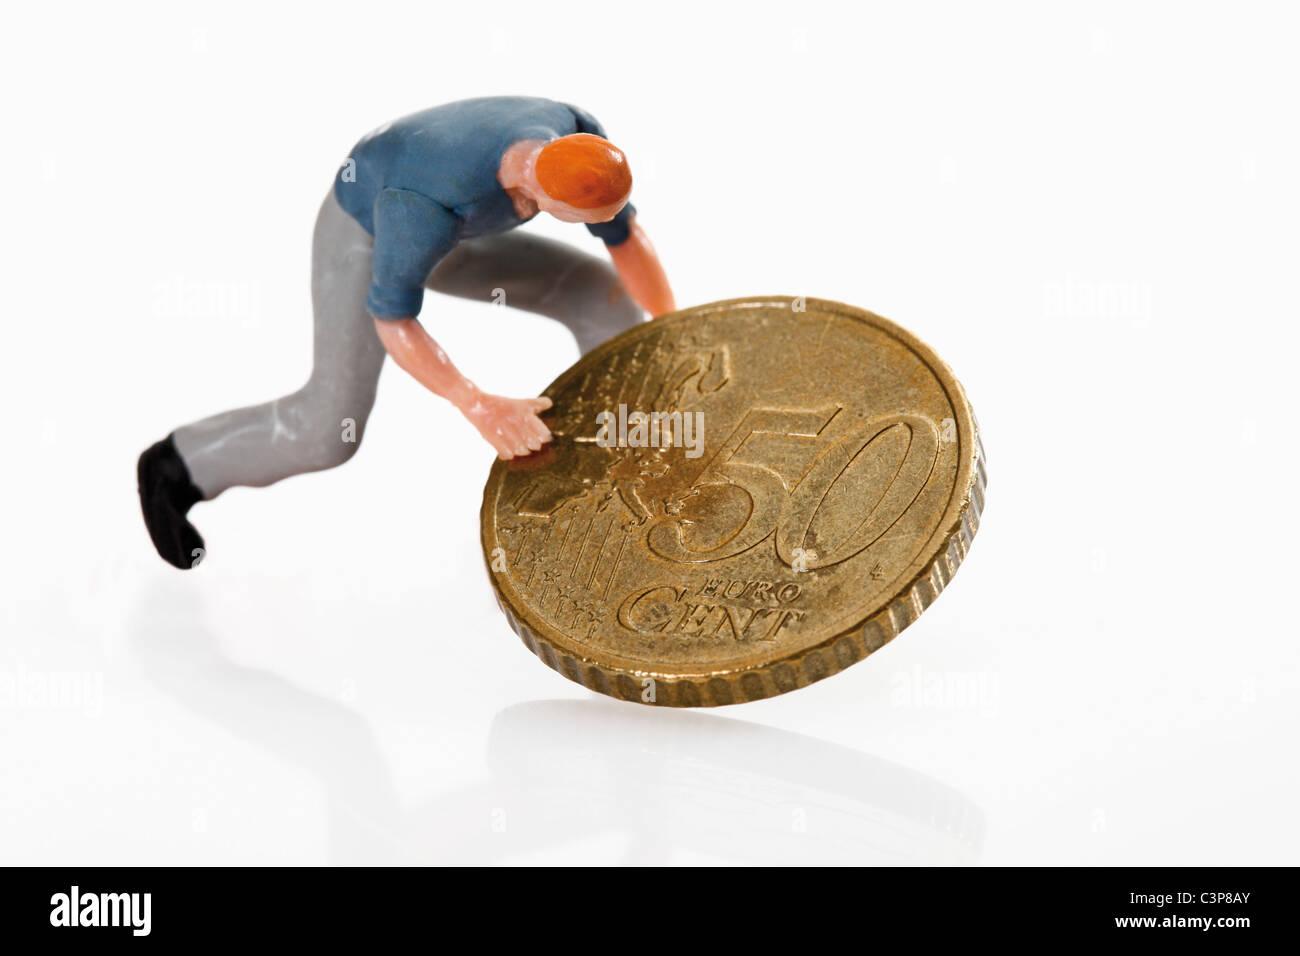 Arbeiter Figur Die 50 Cent Euro Münze Rollen Stockfoto Bild